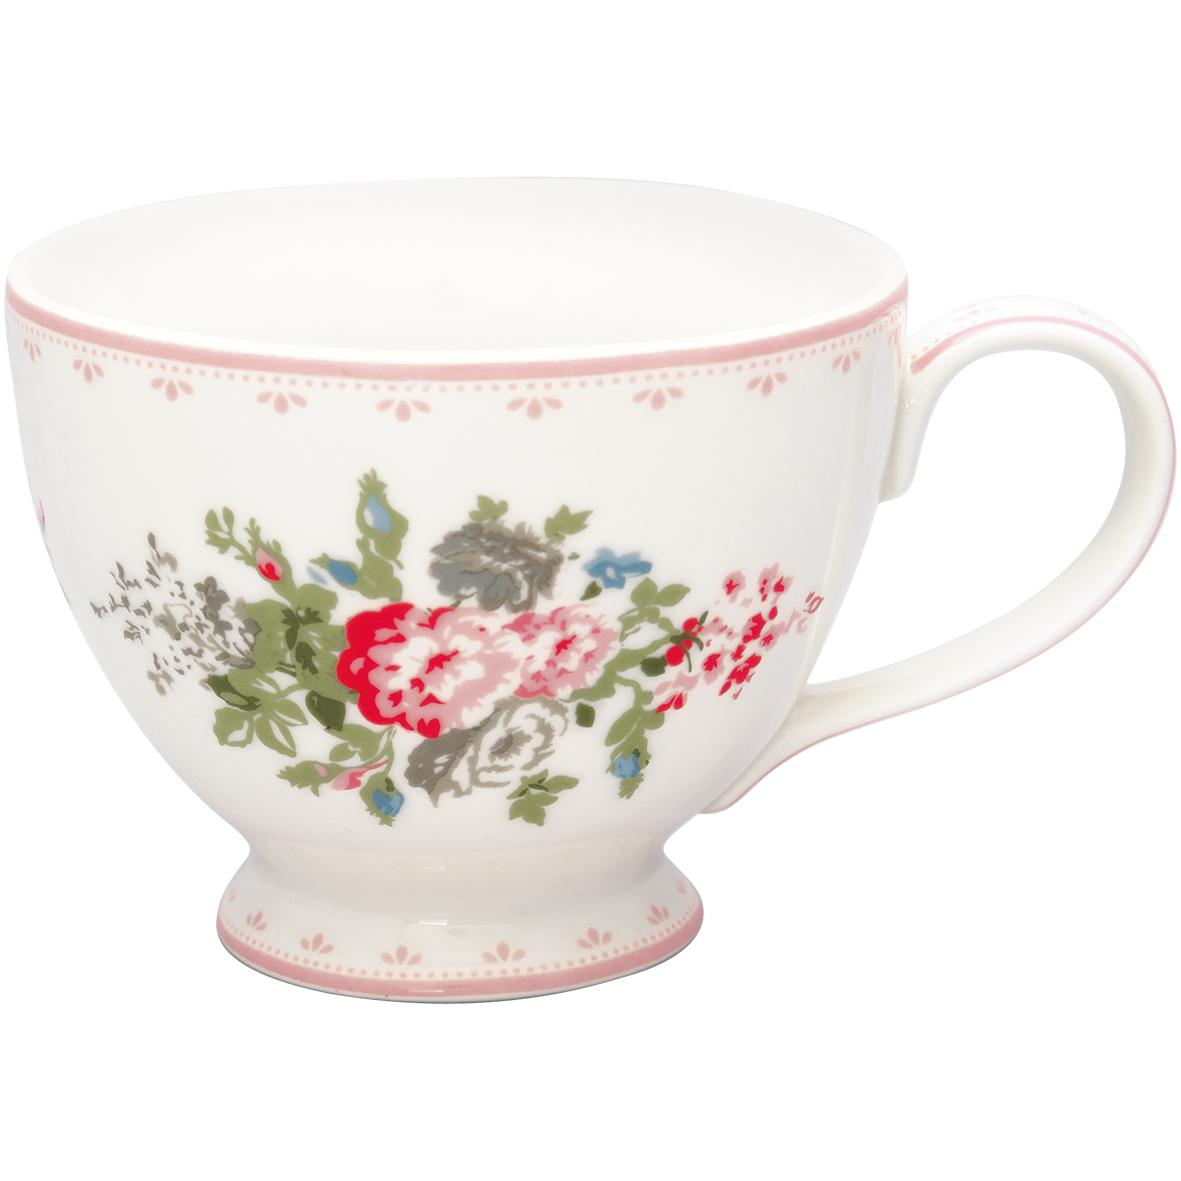 Greengate Teacup Petricia pale pink Becher Limitierte Kollektion